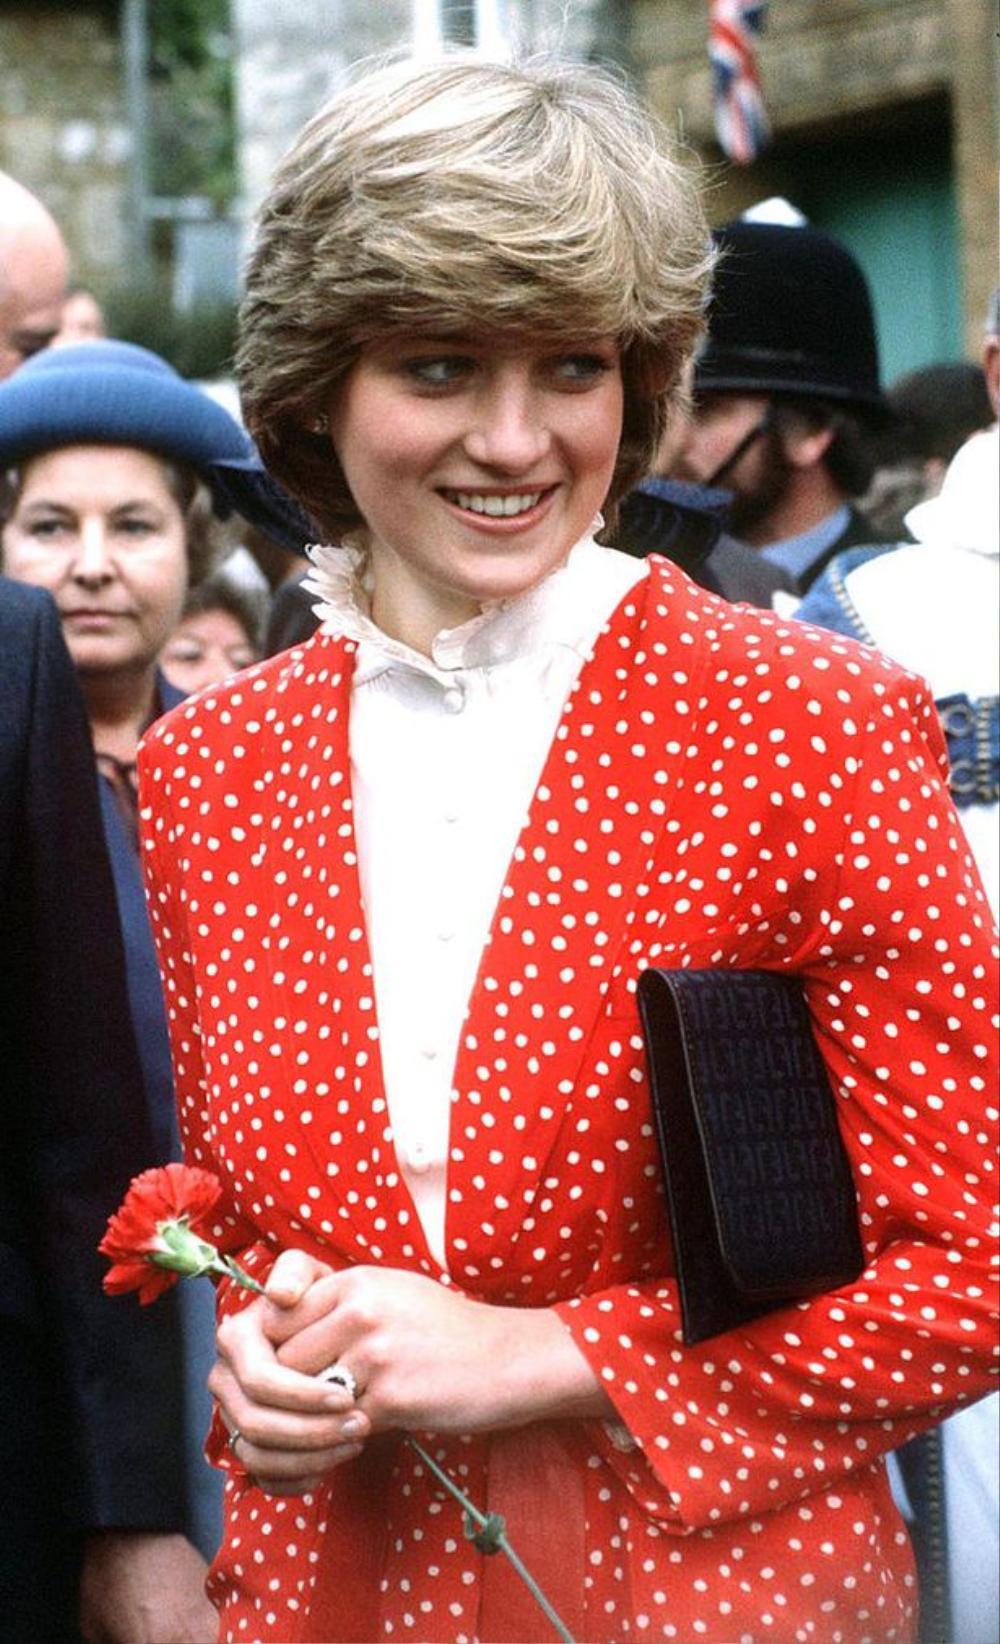 Chuyên gia: 'Hoàng gia không học được gì từ bài học của Công nương Diana' sau cuộc phỏng vấn với Oprah Ảnh 1